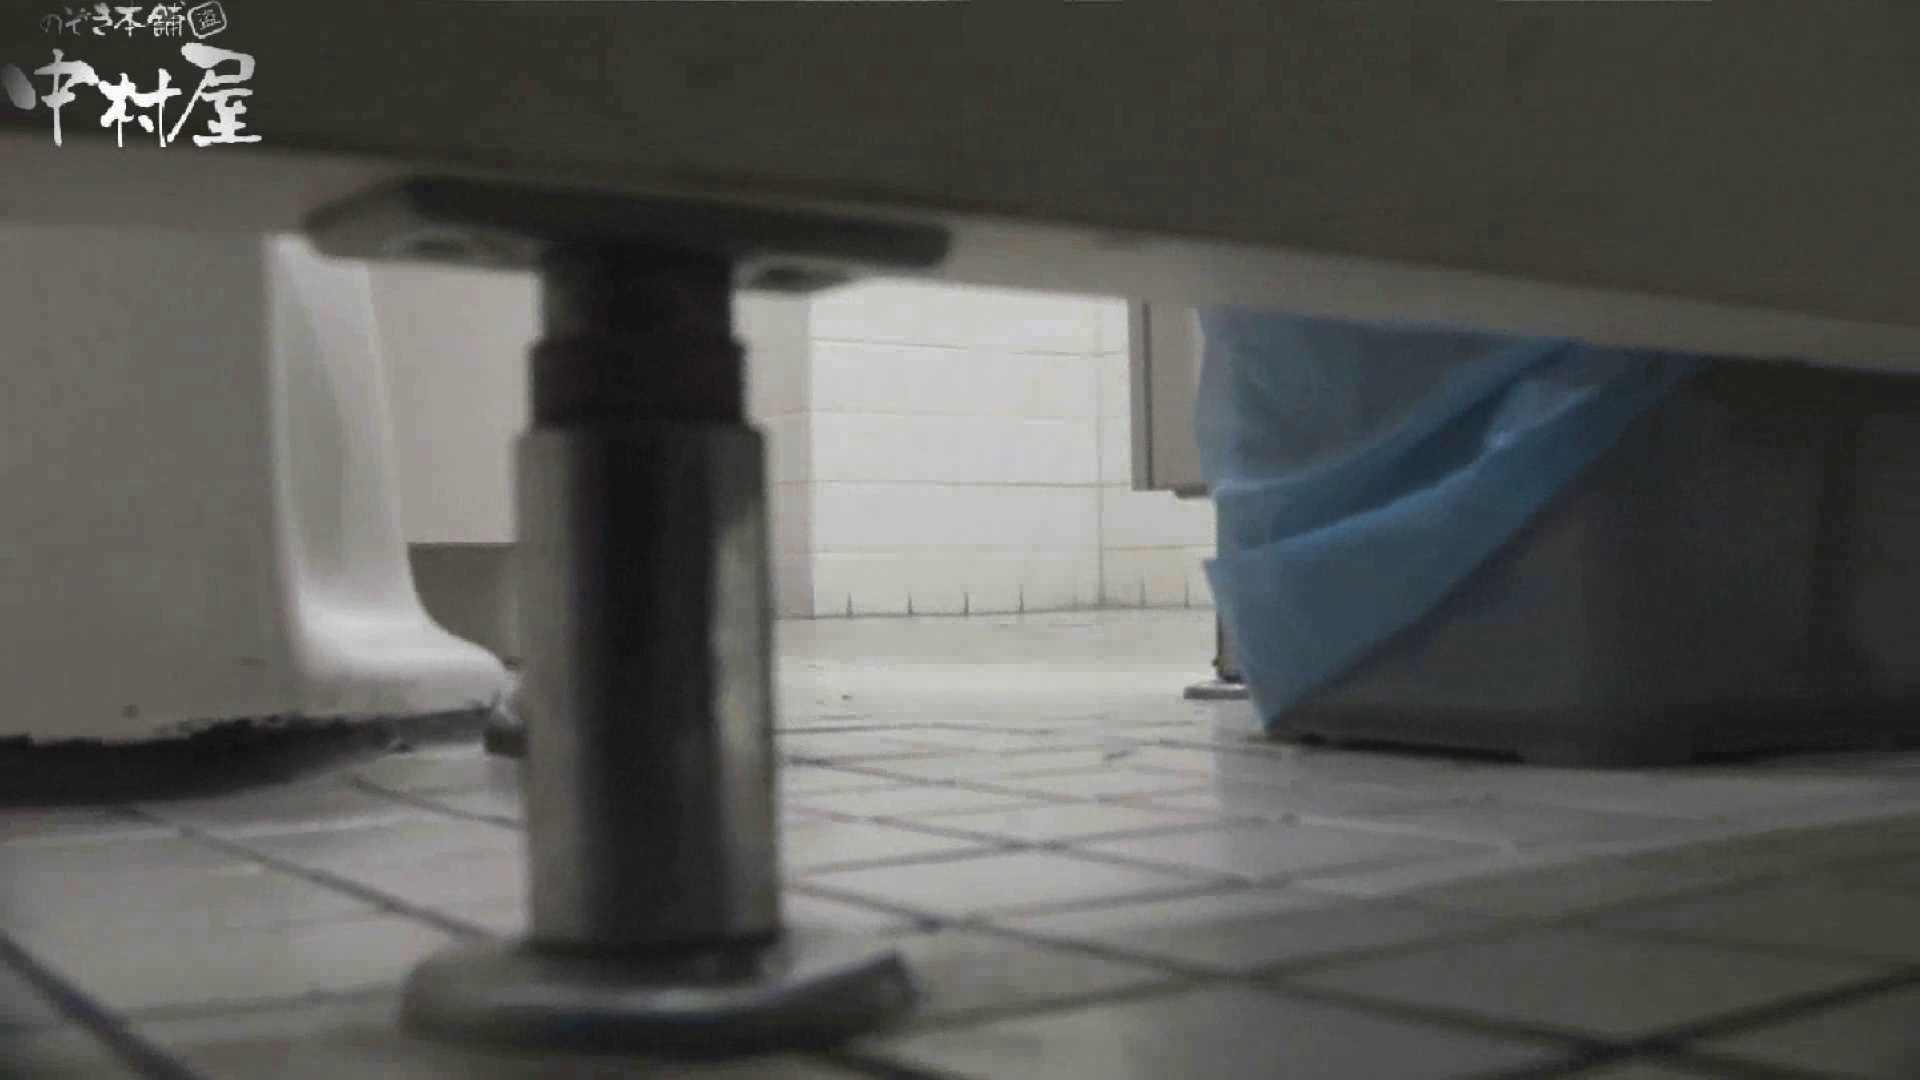 【お銀さんの「洗面所突入レポート!!」】お銀さんの「洗面所突入レポート!!」 vol.29 ∑(゚Д゚)アッ! 洗面所 | HなOL  100pic 64